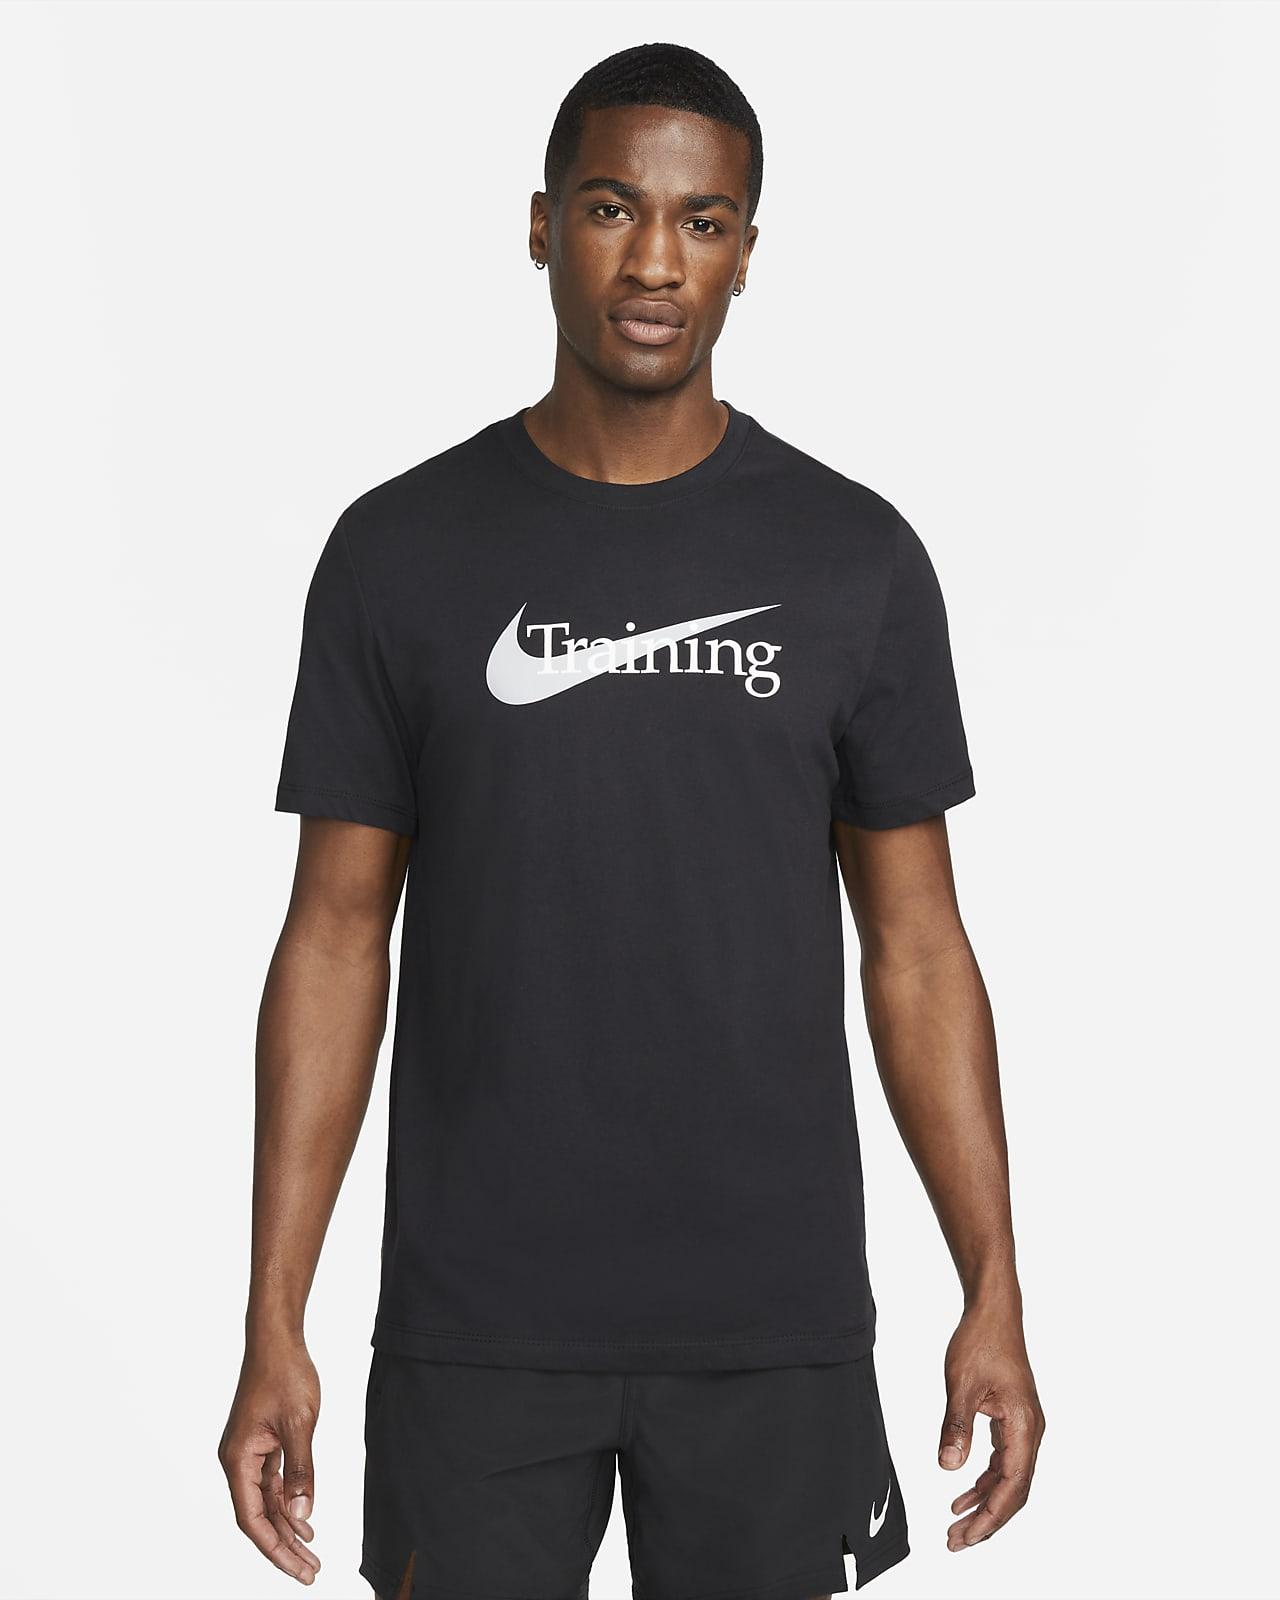 Nike Dri FIT trenings T skjorte med Swoosh til herre. Nike NO